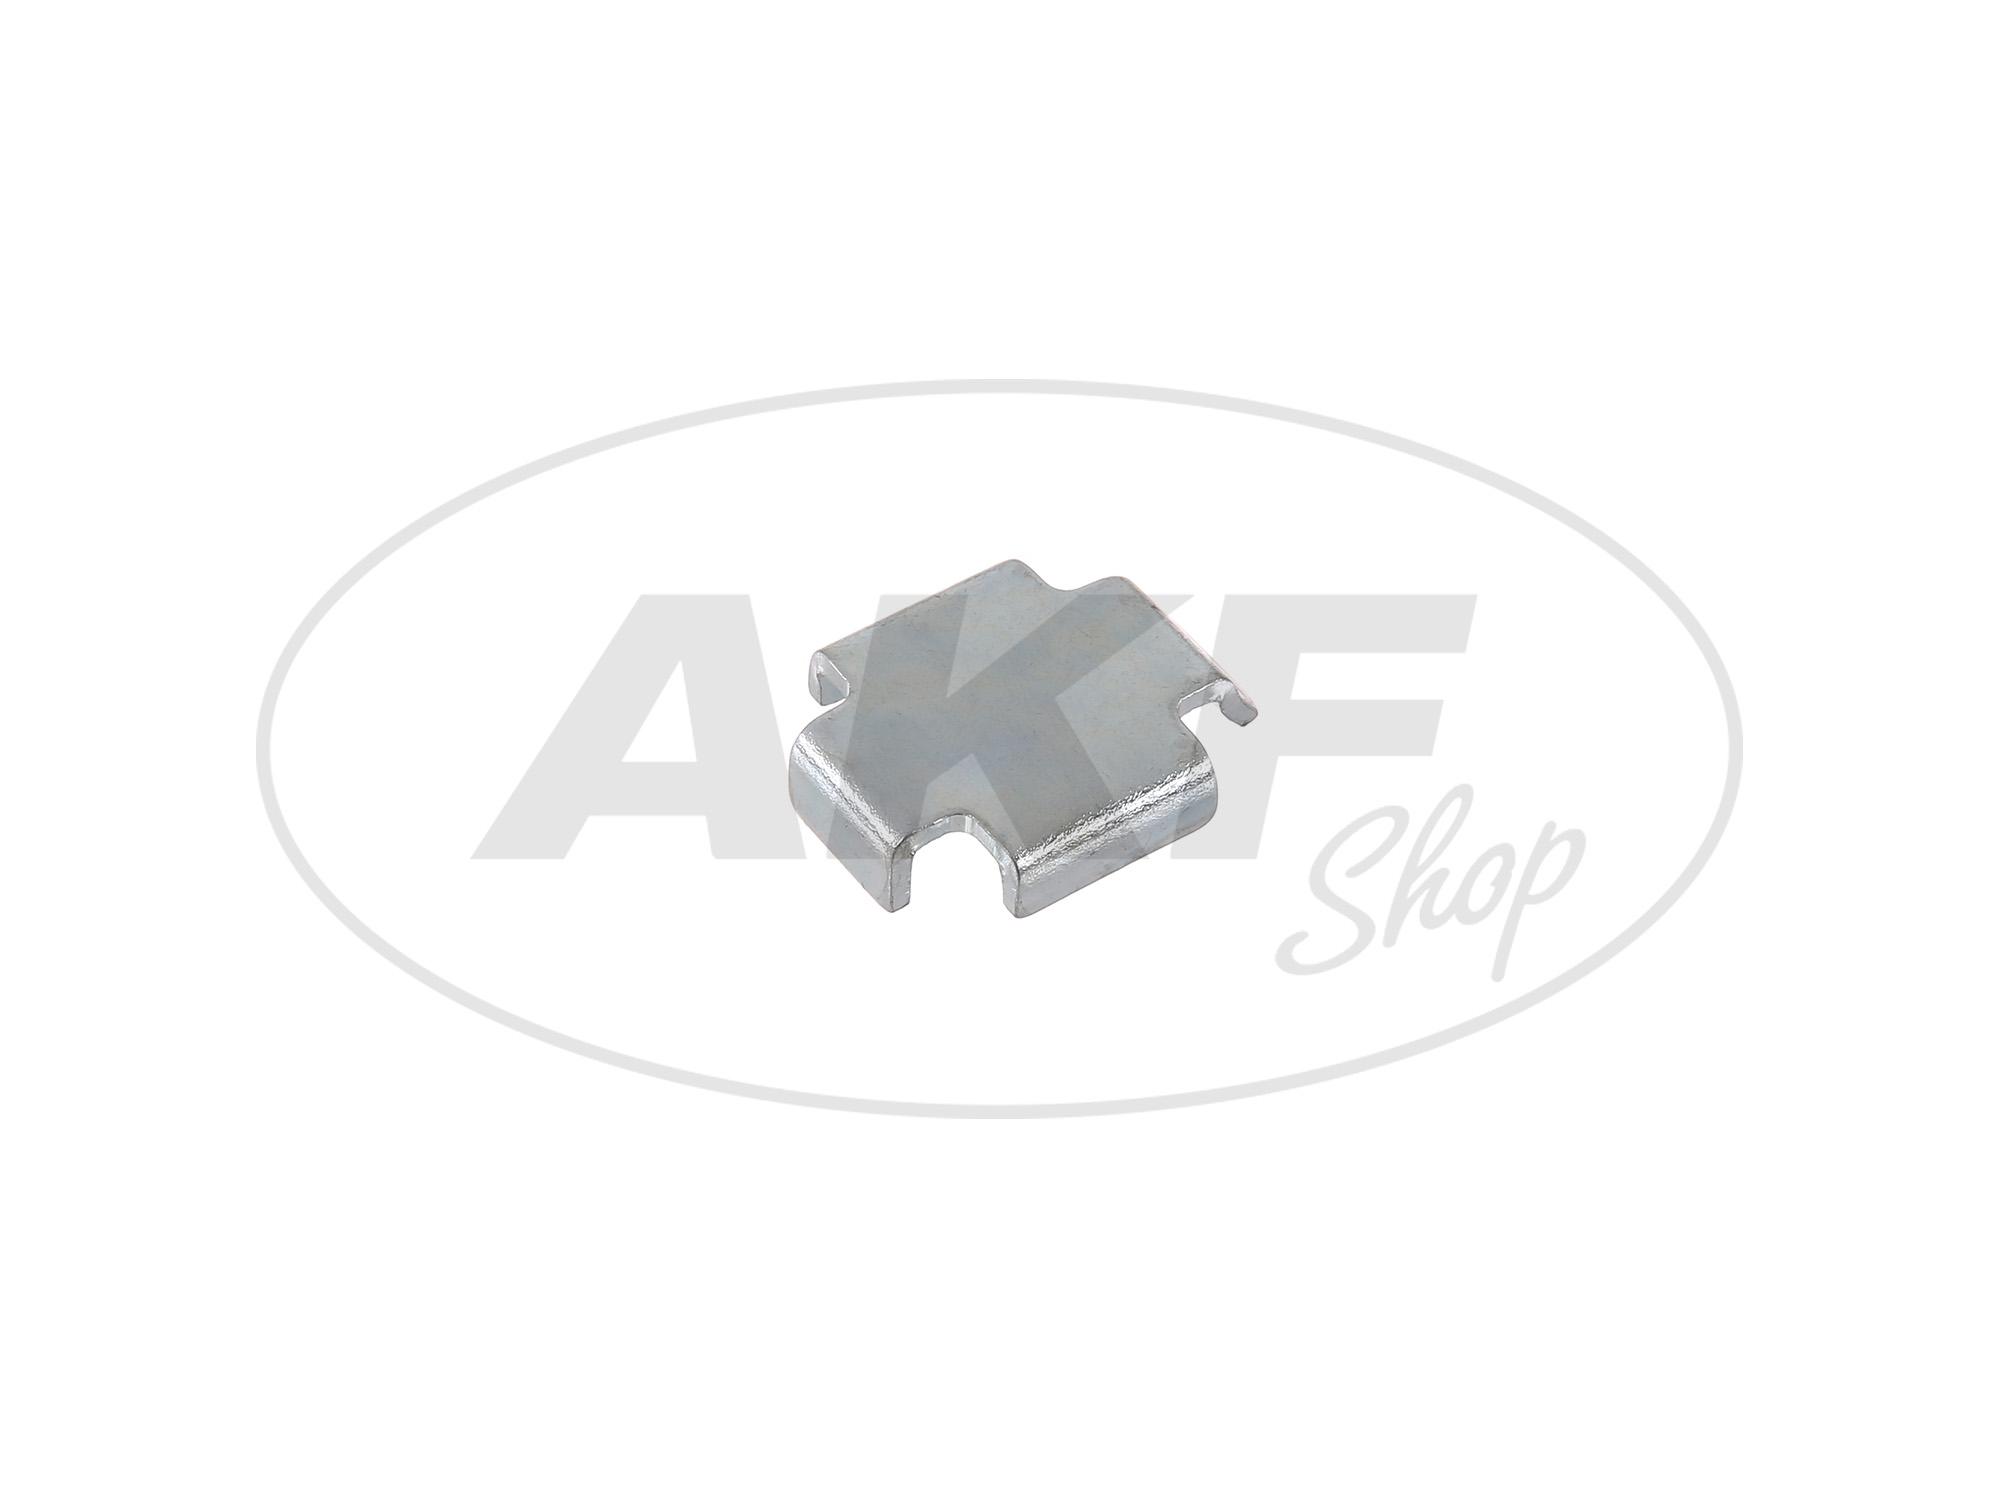 Zoom Ansicht Bremsbackenzwischenlage 1,5 mm Simson S51, S50, SR50, Schwalbe KR51, SR4